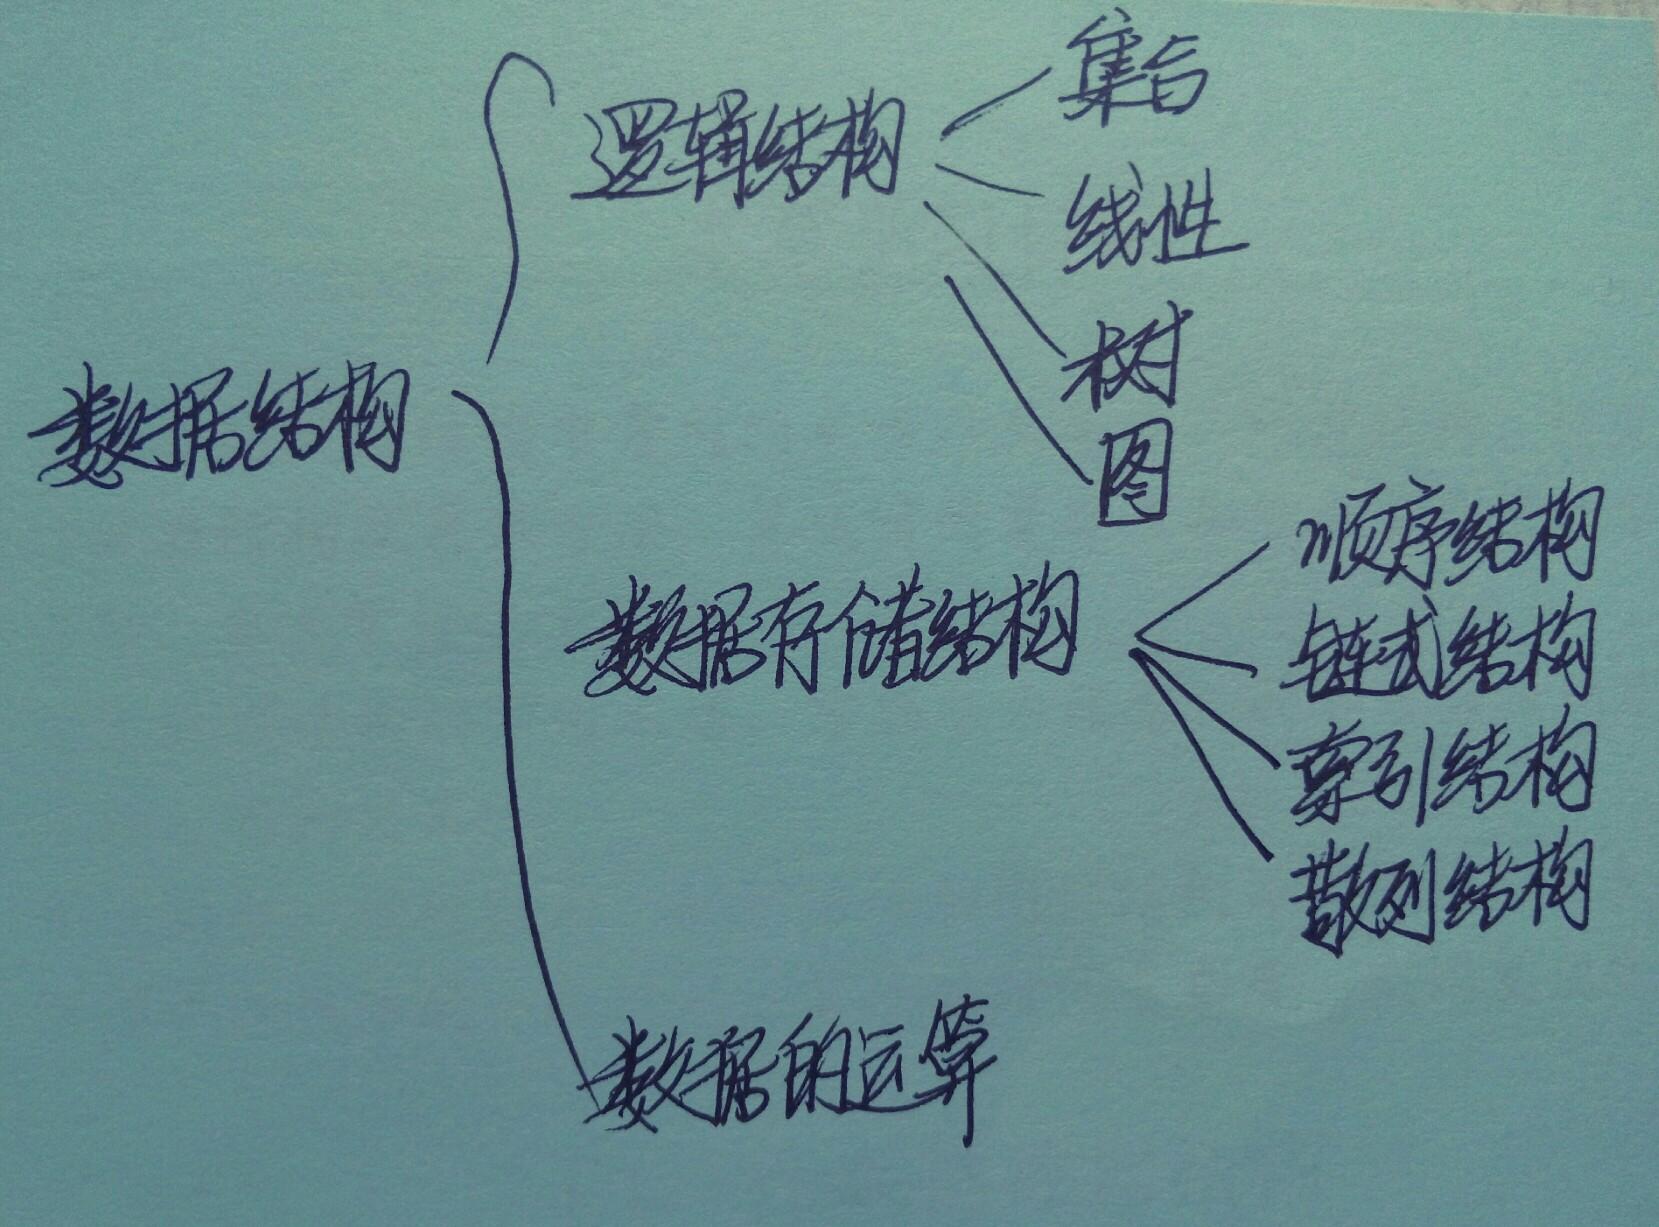 数据结构三方面内容